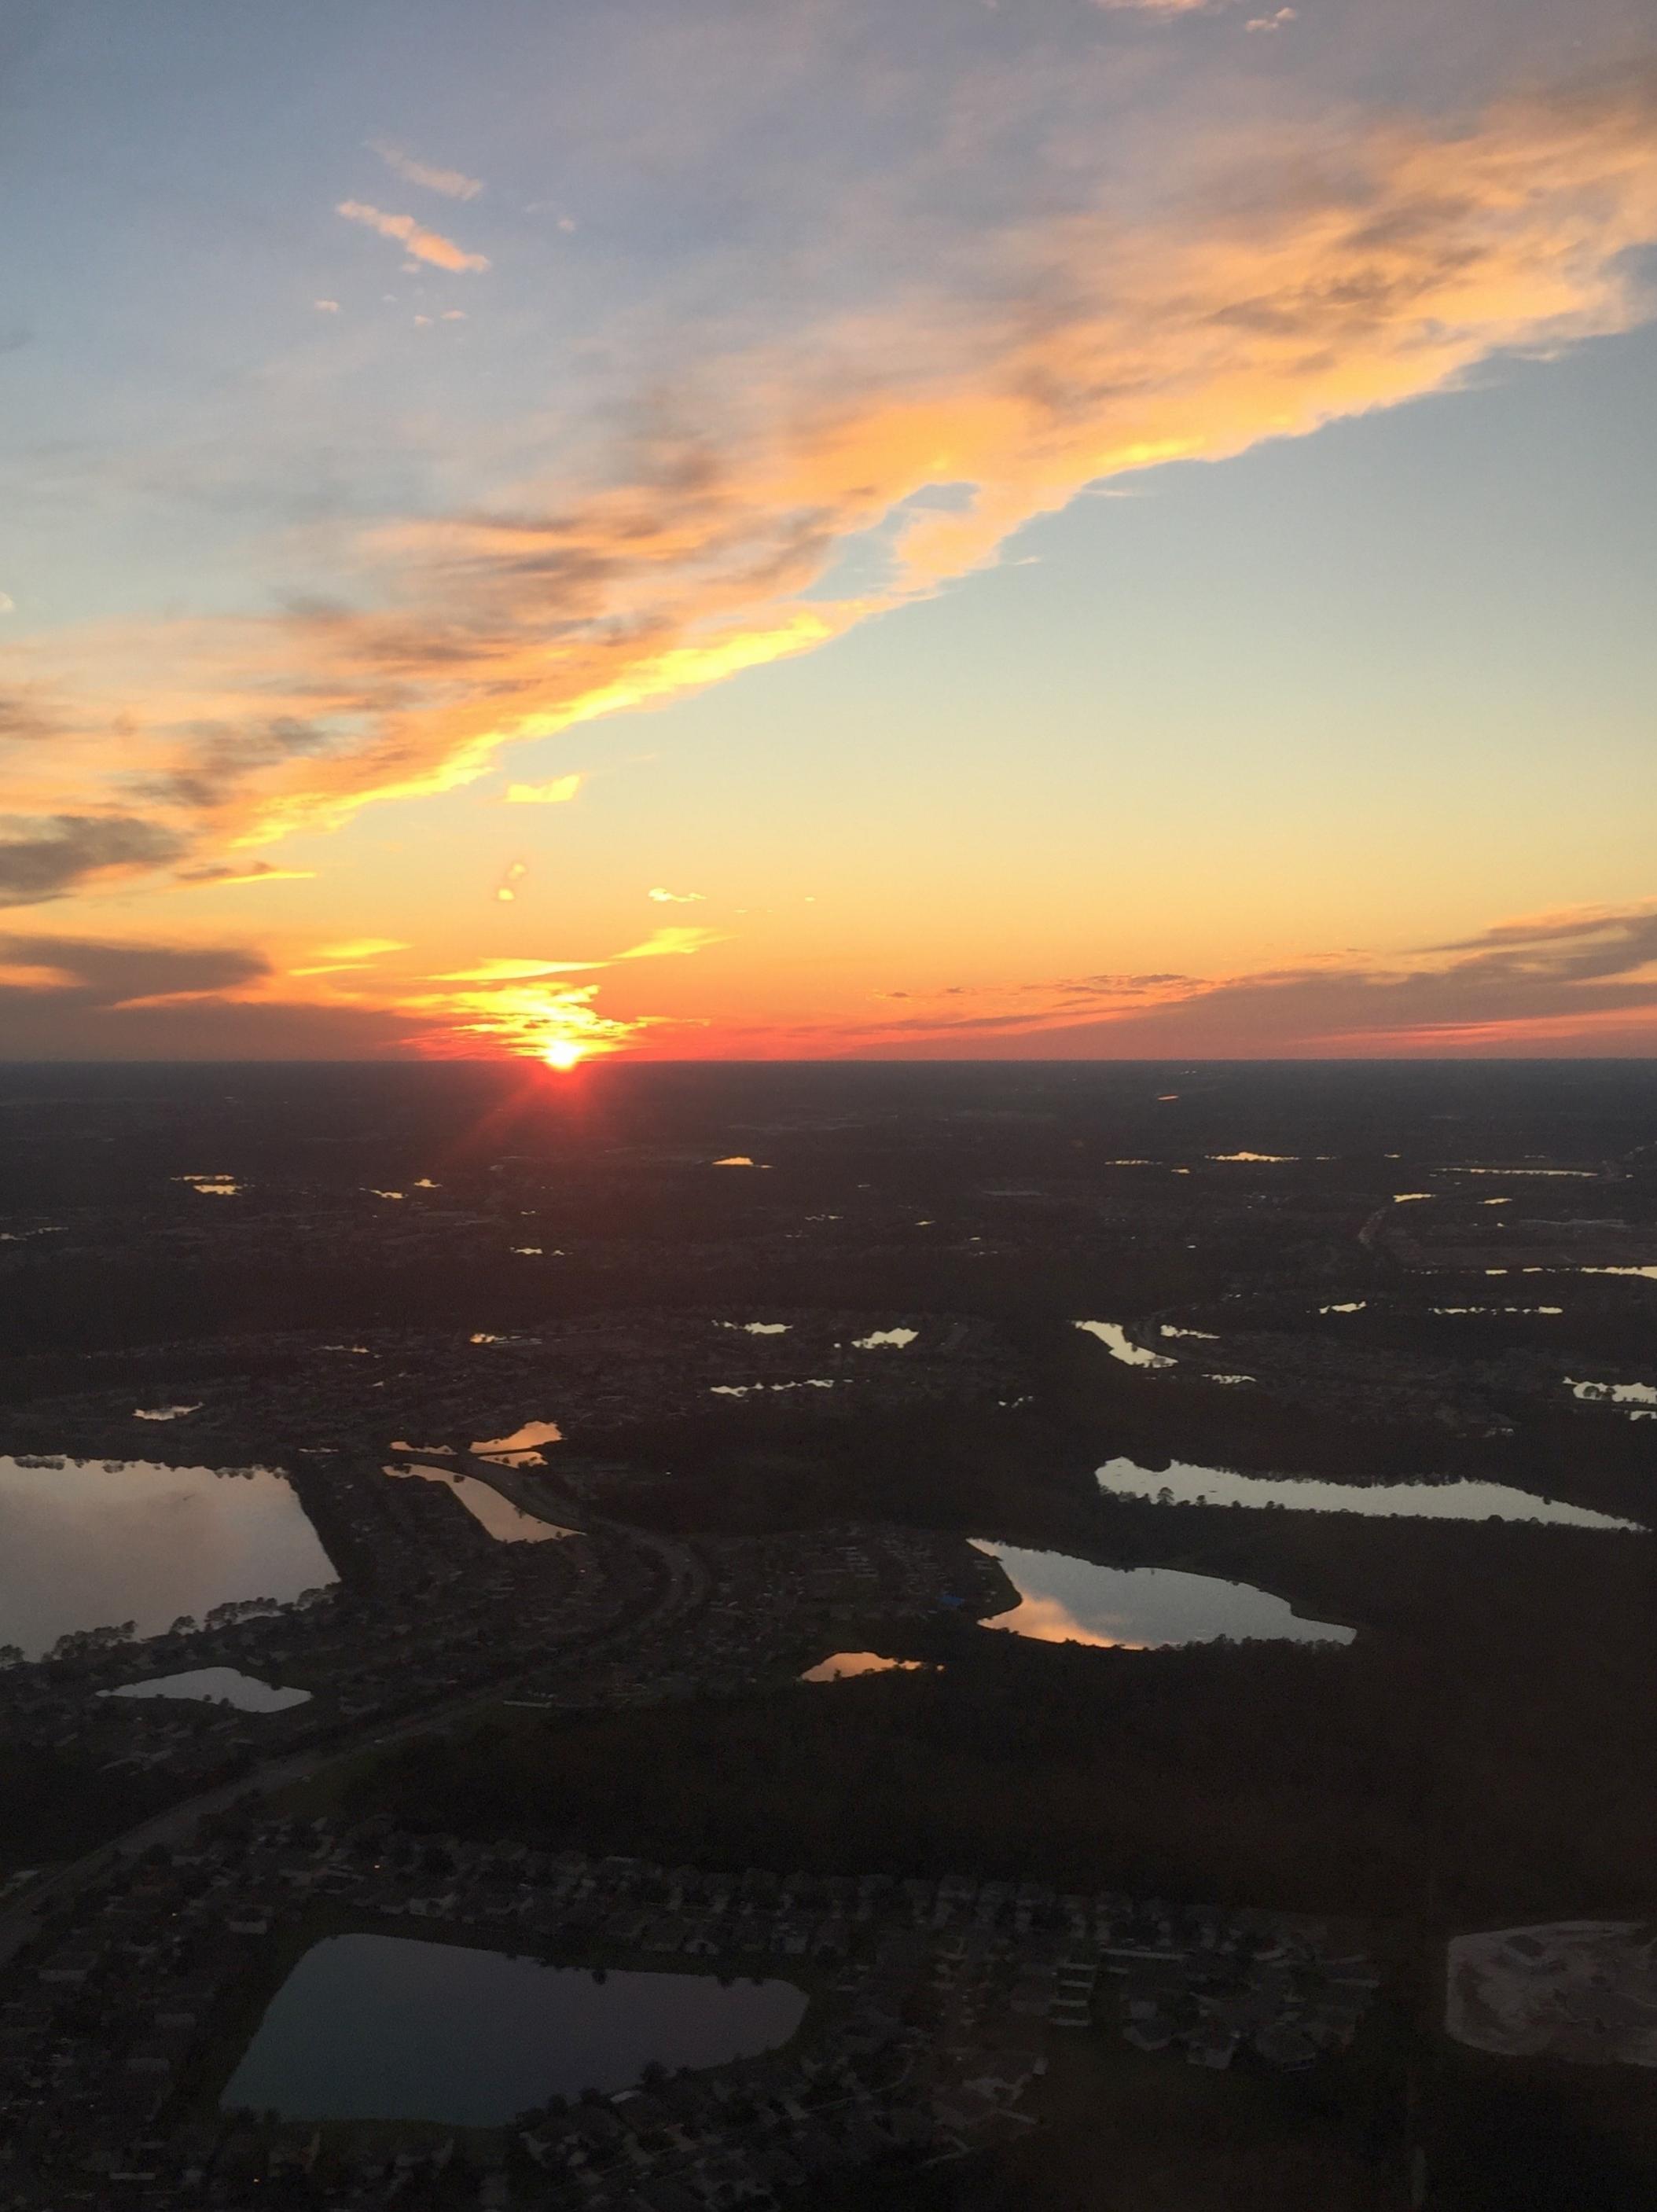 sunset from plane.jpg